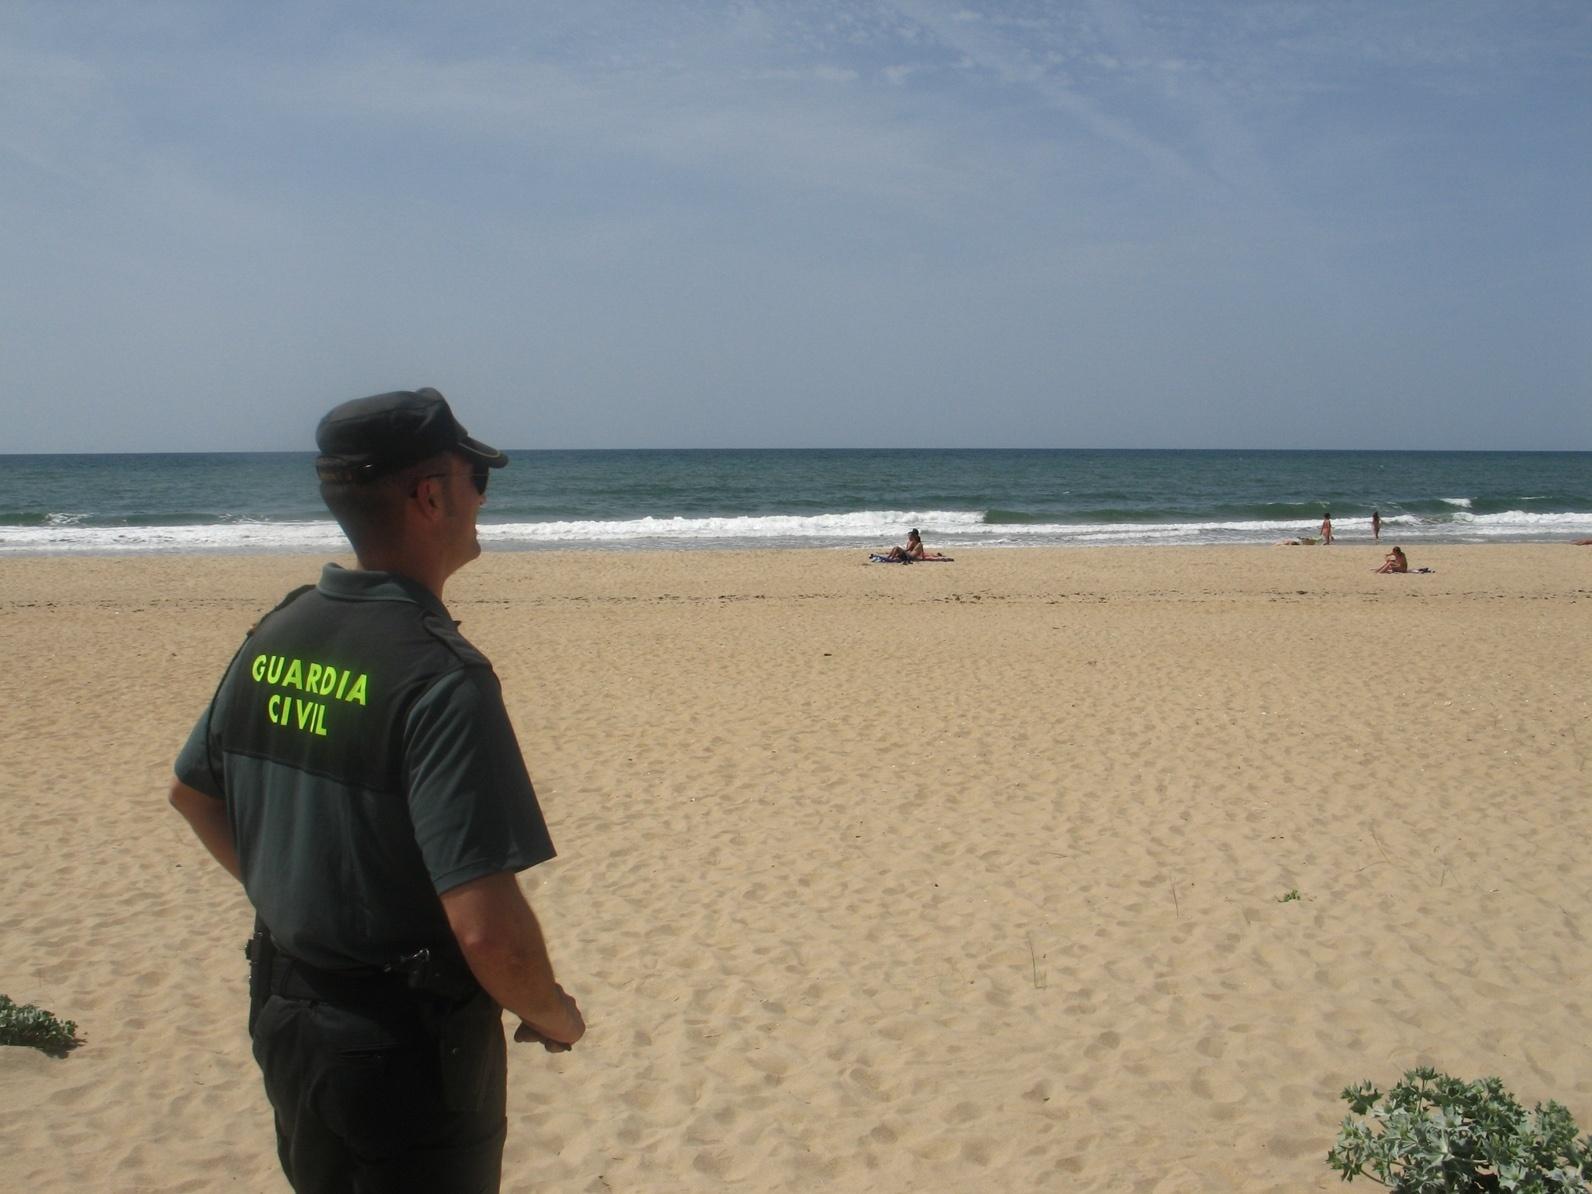 Rescatadas mediante una cadena humana dos personas que se estaban ahogando en la playa de la Bota, en Punta Umbría